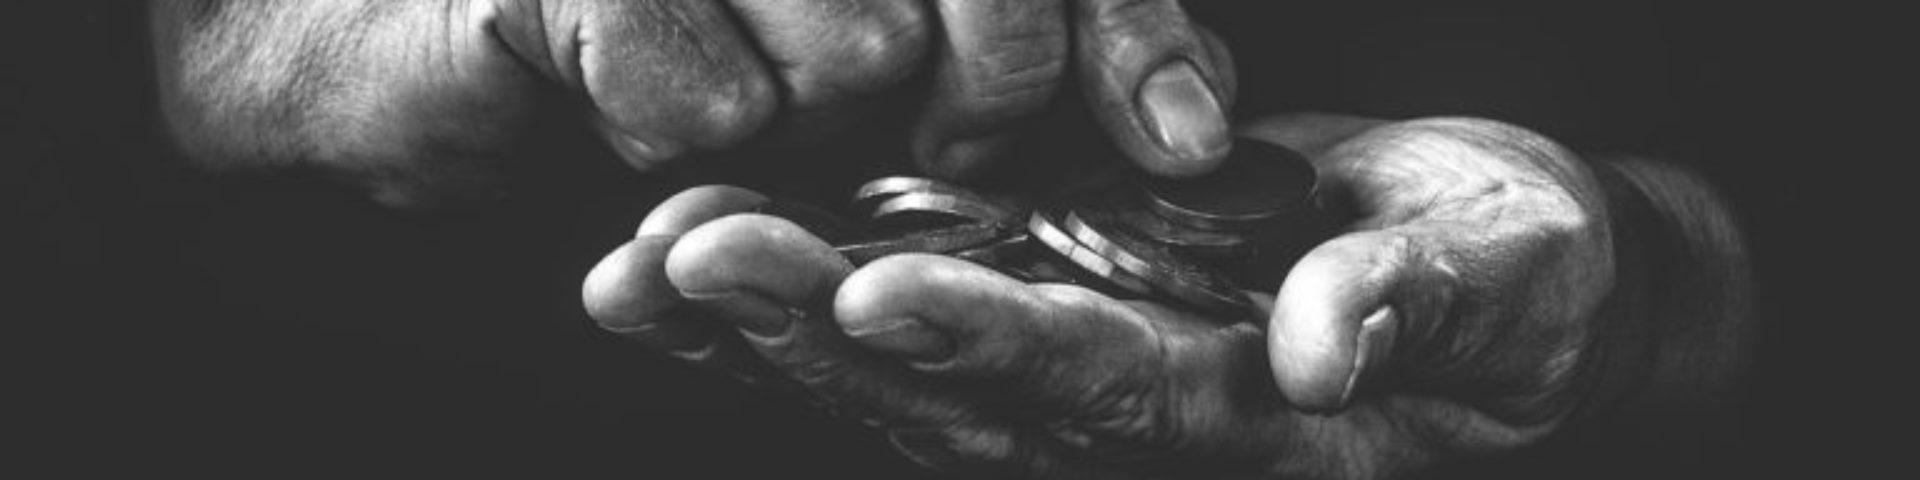 Sociálka | Přehled sociálních dávek